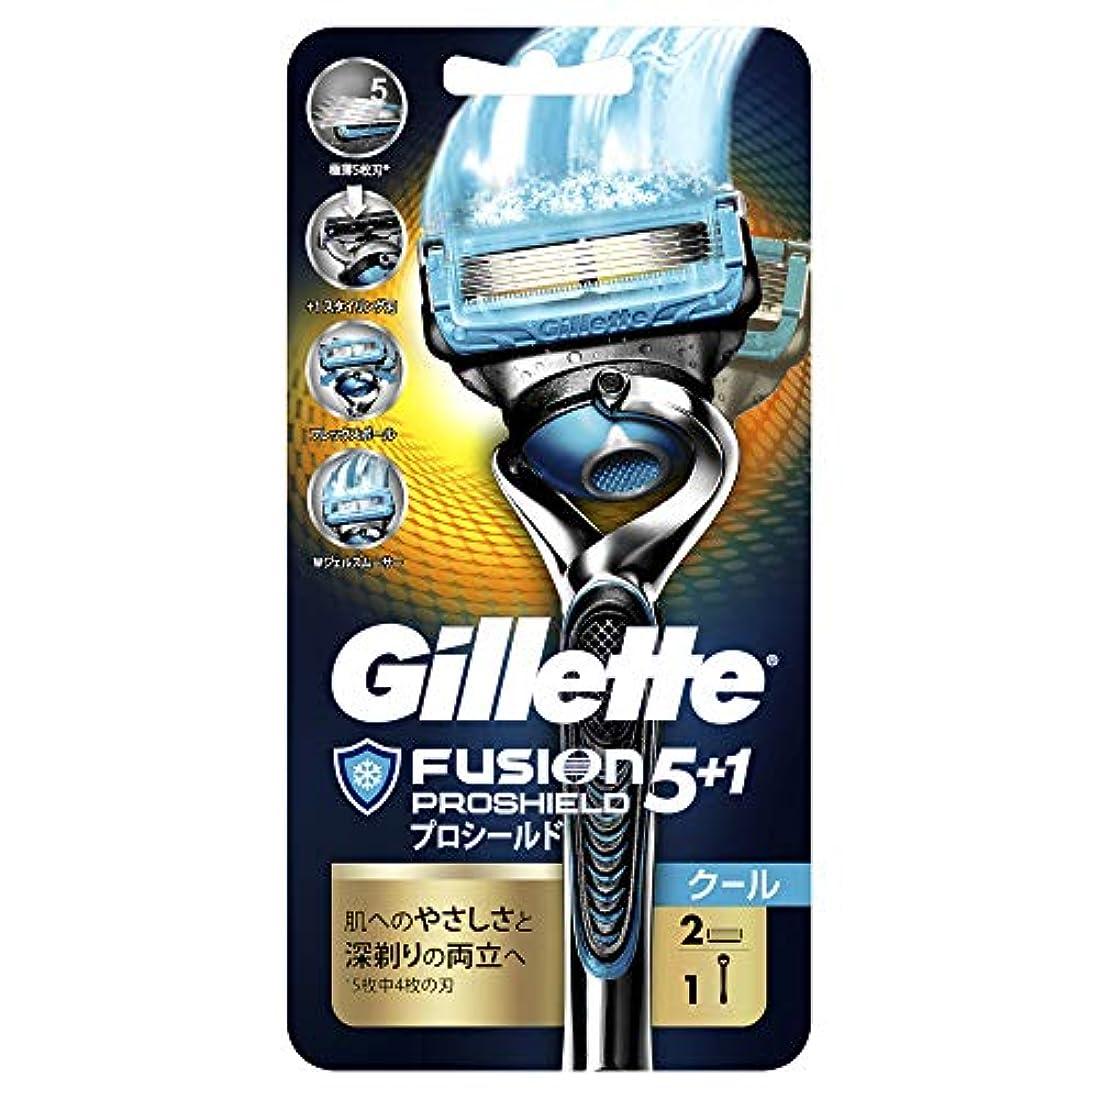 ステンレスオープニング悪用ジレット 髭剃り フュージョン5+1 プロシールド クール 本体 替刃1個付